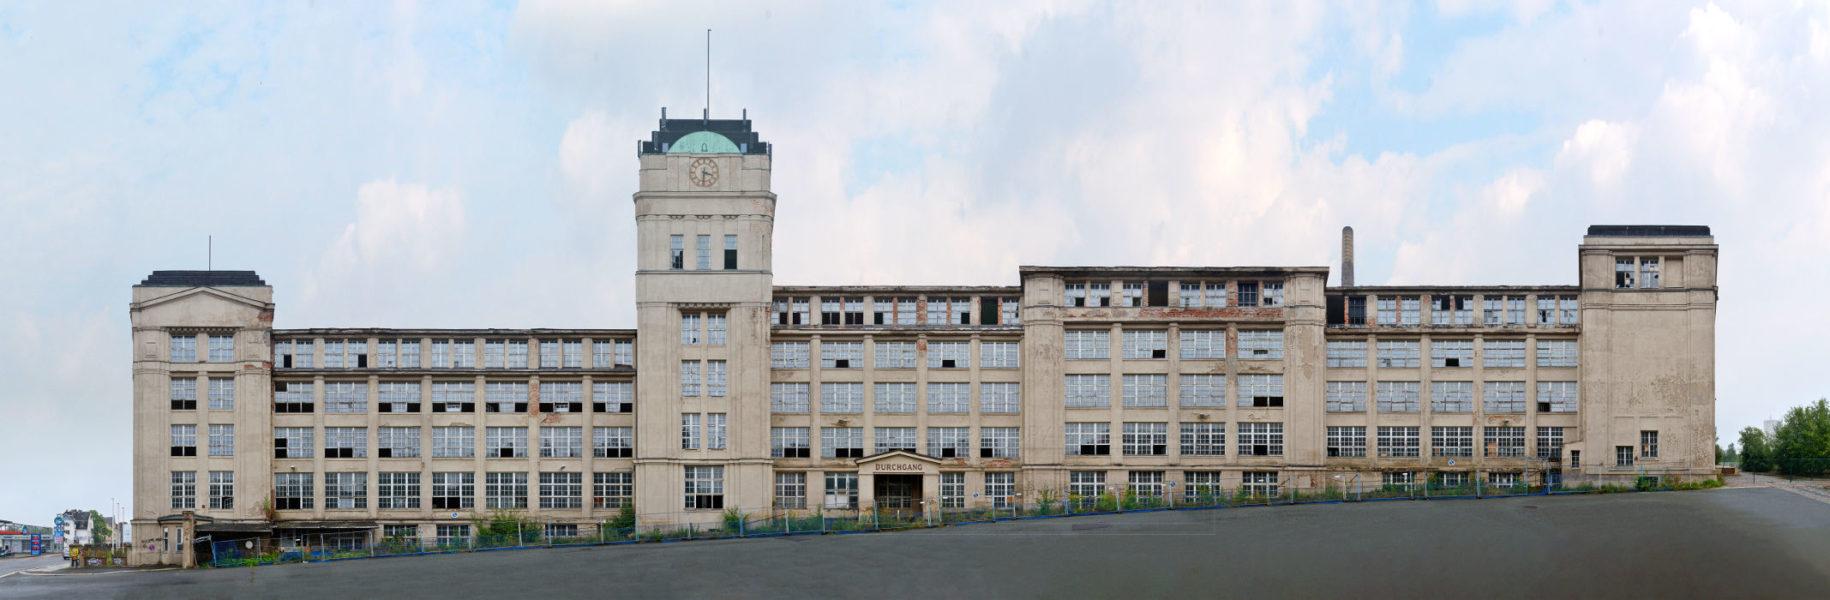 Wanderer Werke | Industrial Architecture